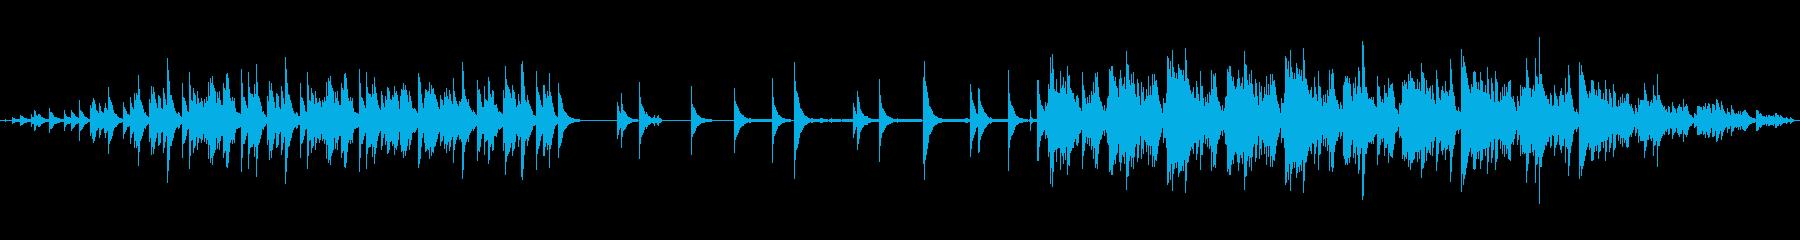 明るいハイテンポなエレクトロニカの再生済みの波形